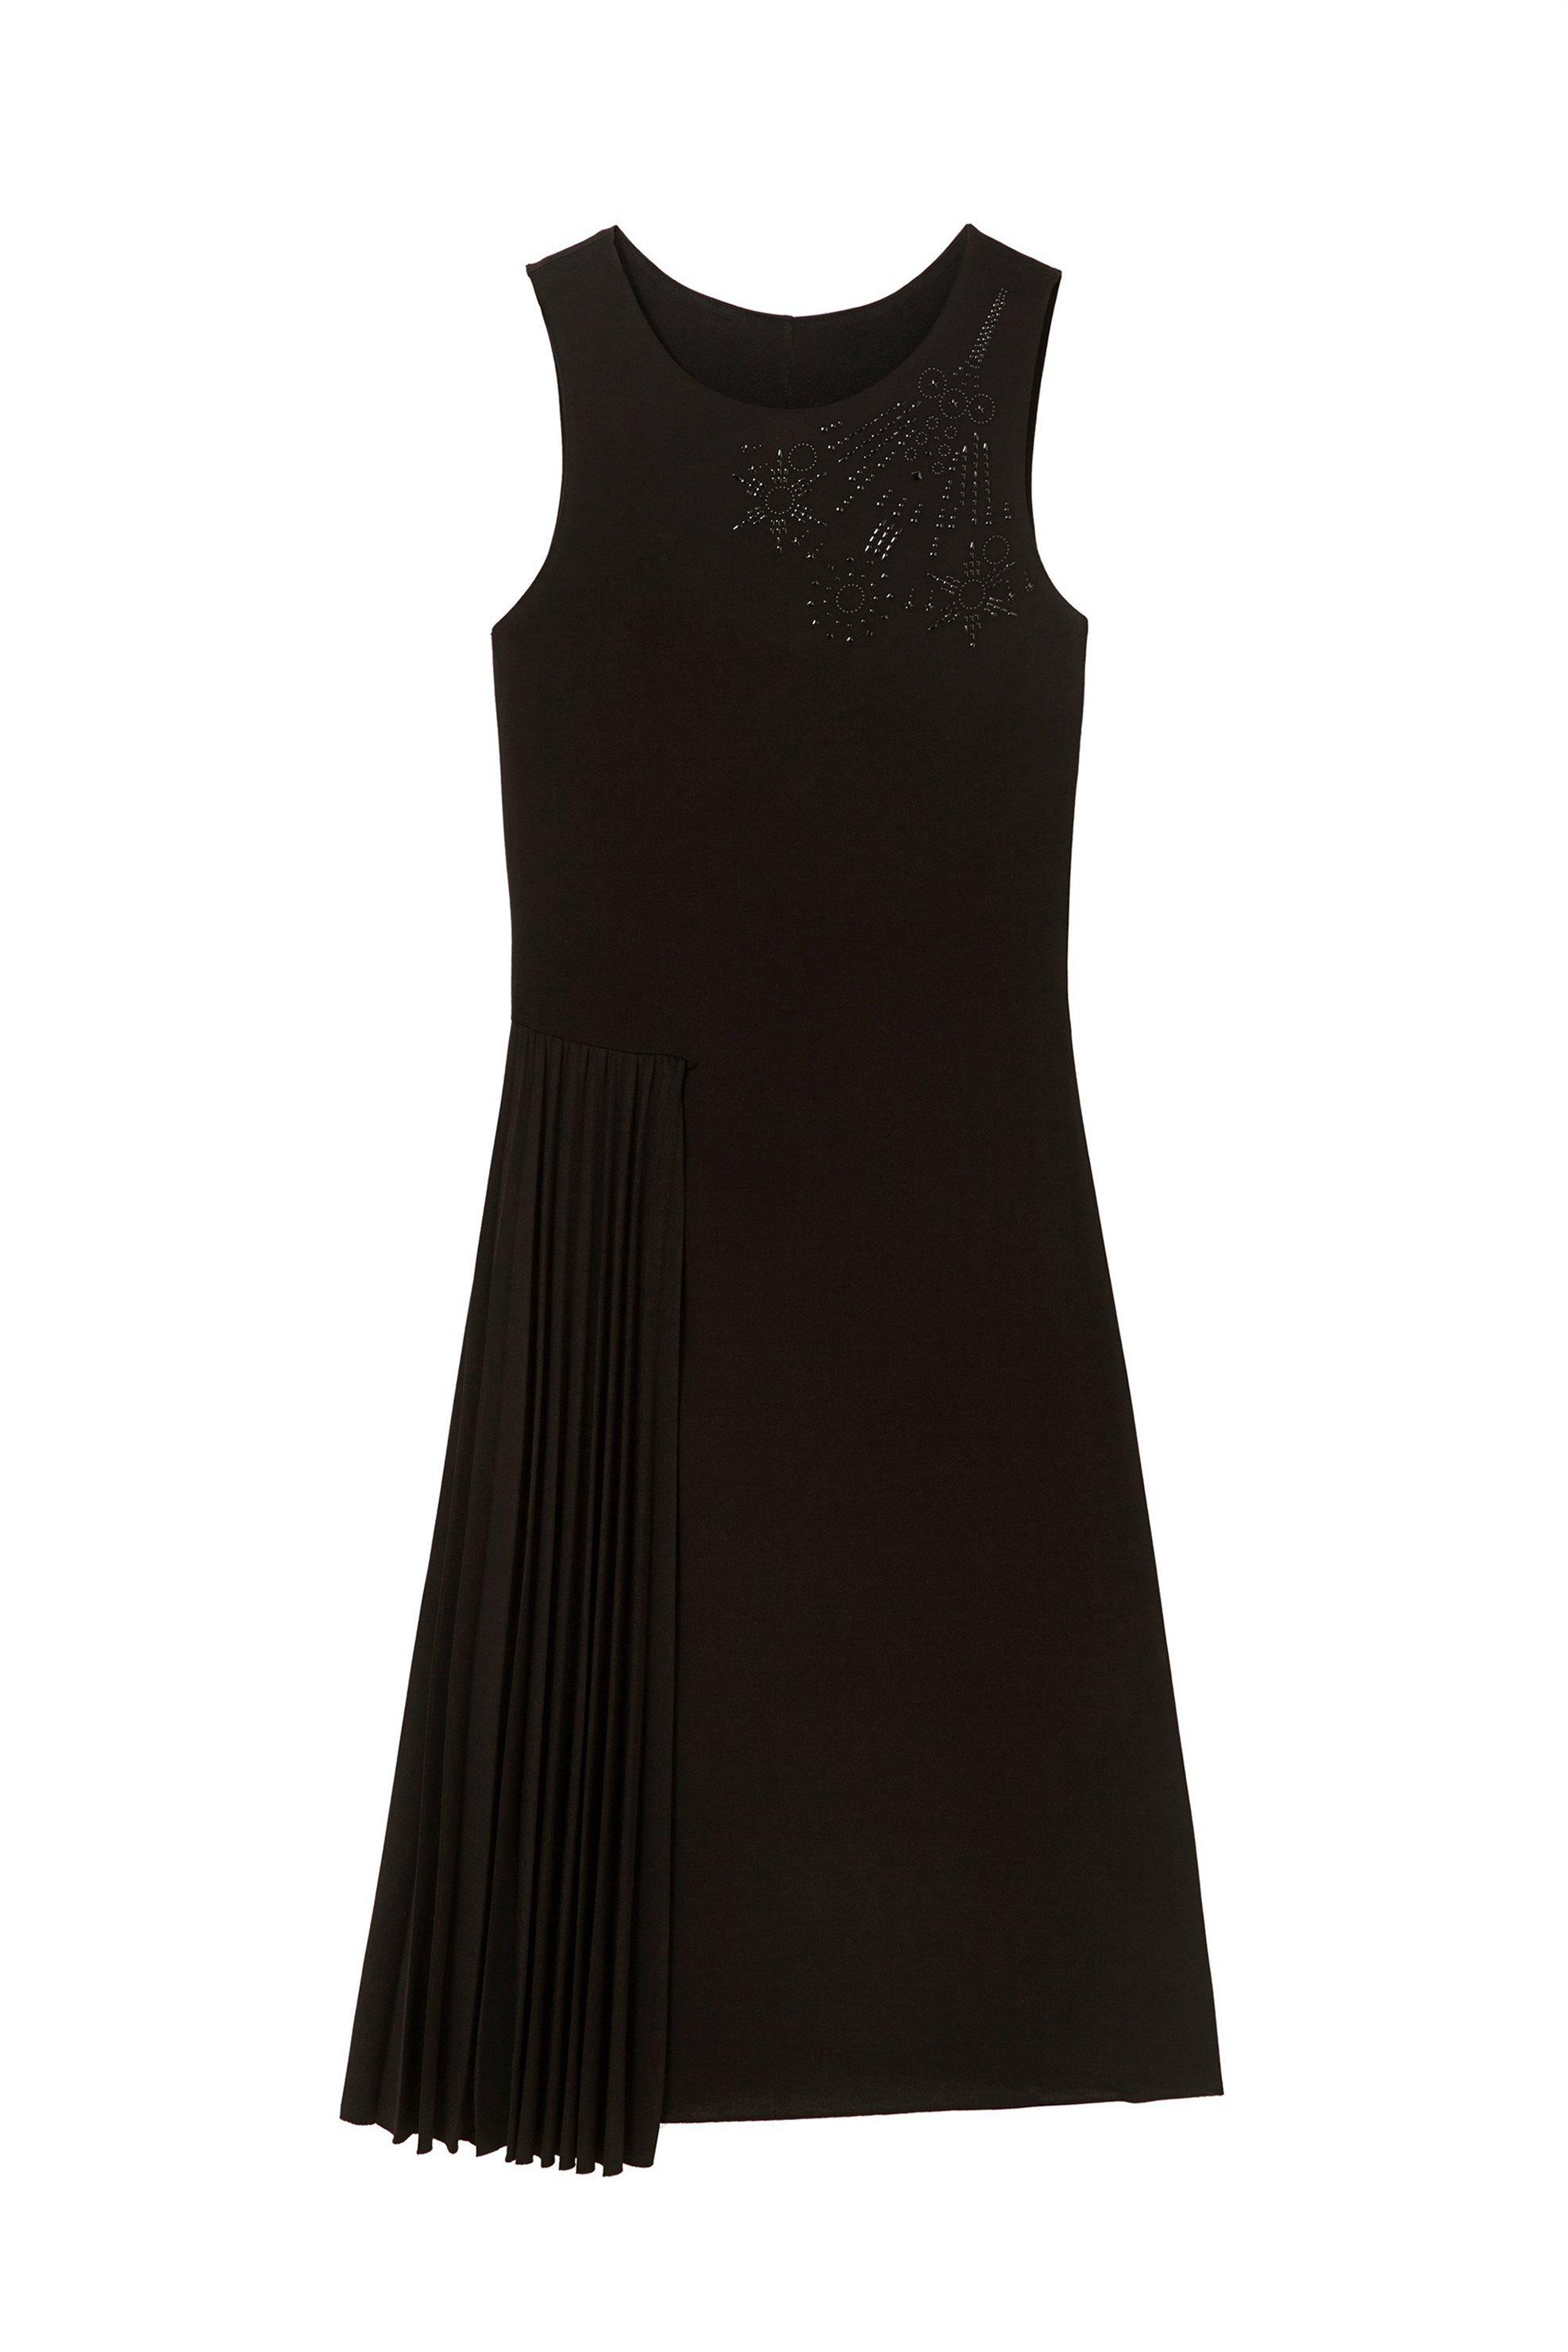 04649cf9162a Γυναικεία   Ρούχα   Φορέματα   Καθημερινά   Μίνι φόρεμα με φλοράλ ...